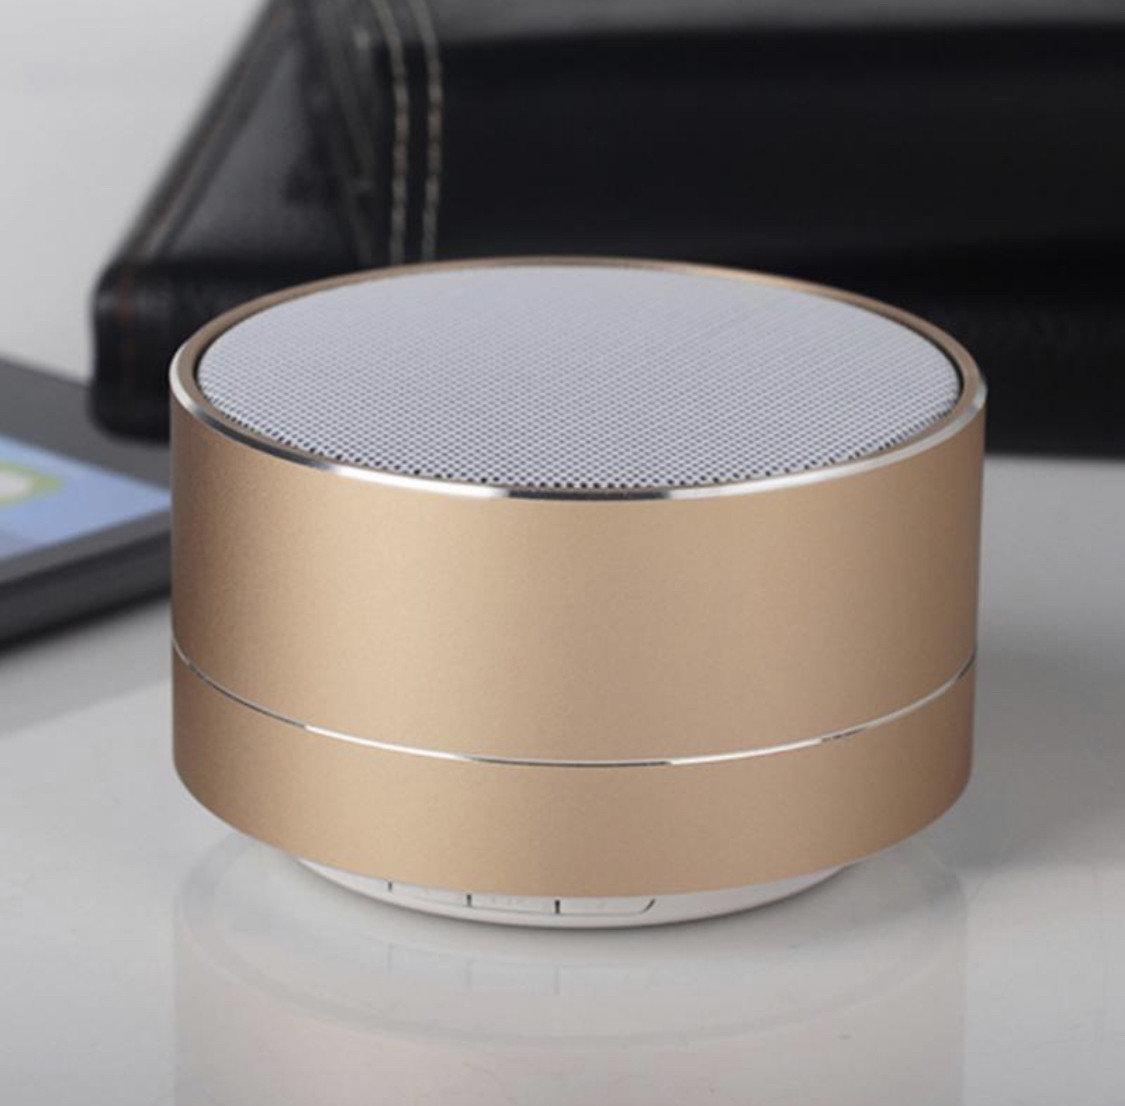 Портативная беспроводная колонка Wireless Bluetooth 3.0 Speaker для прослушивания музыки в золотистом цвете